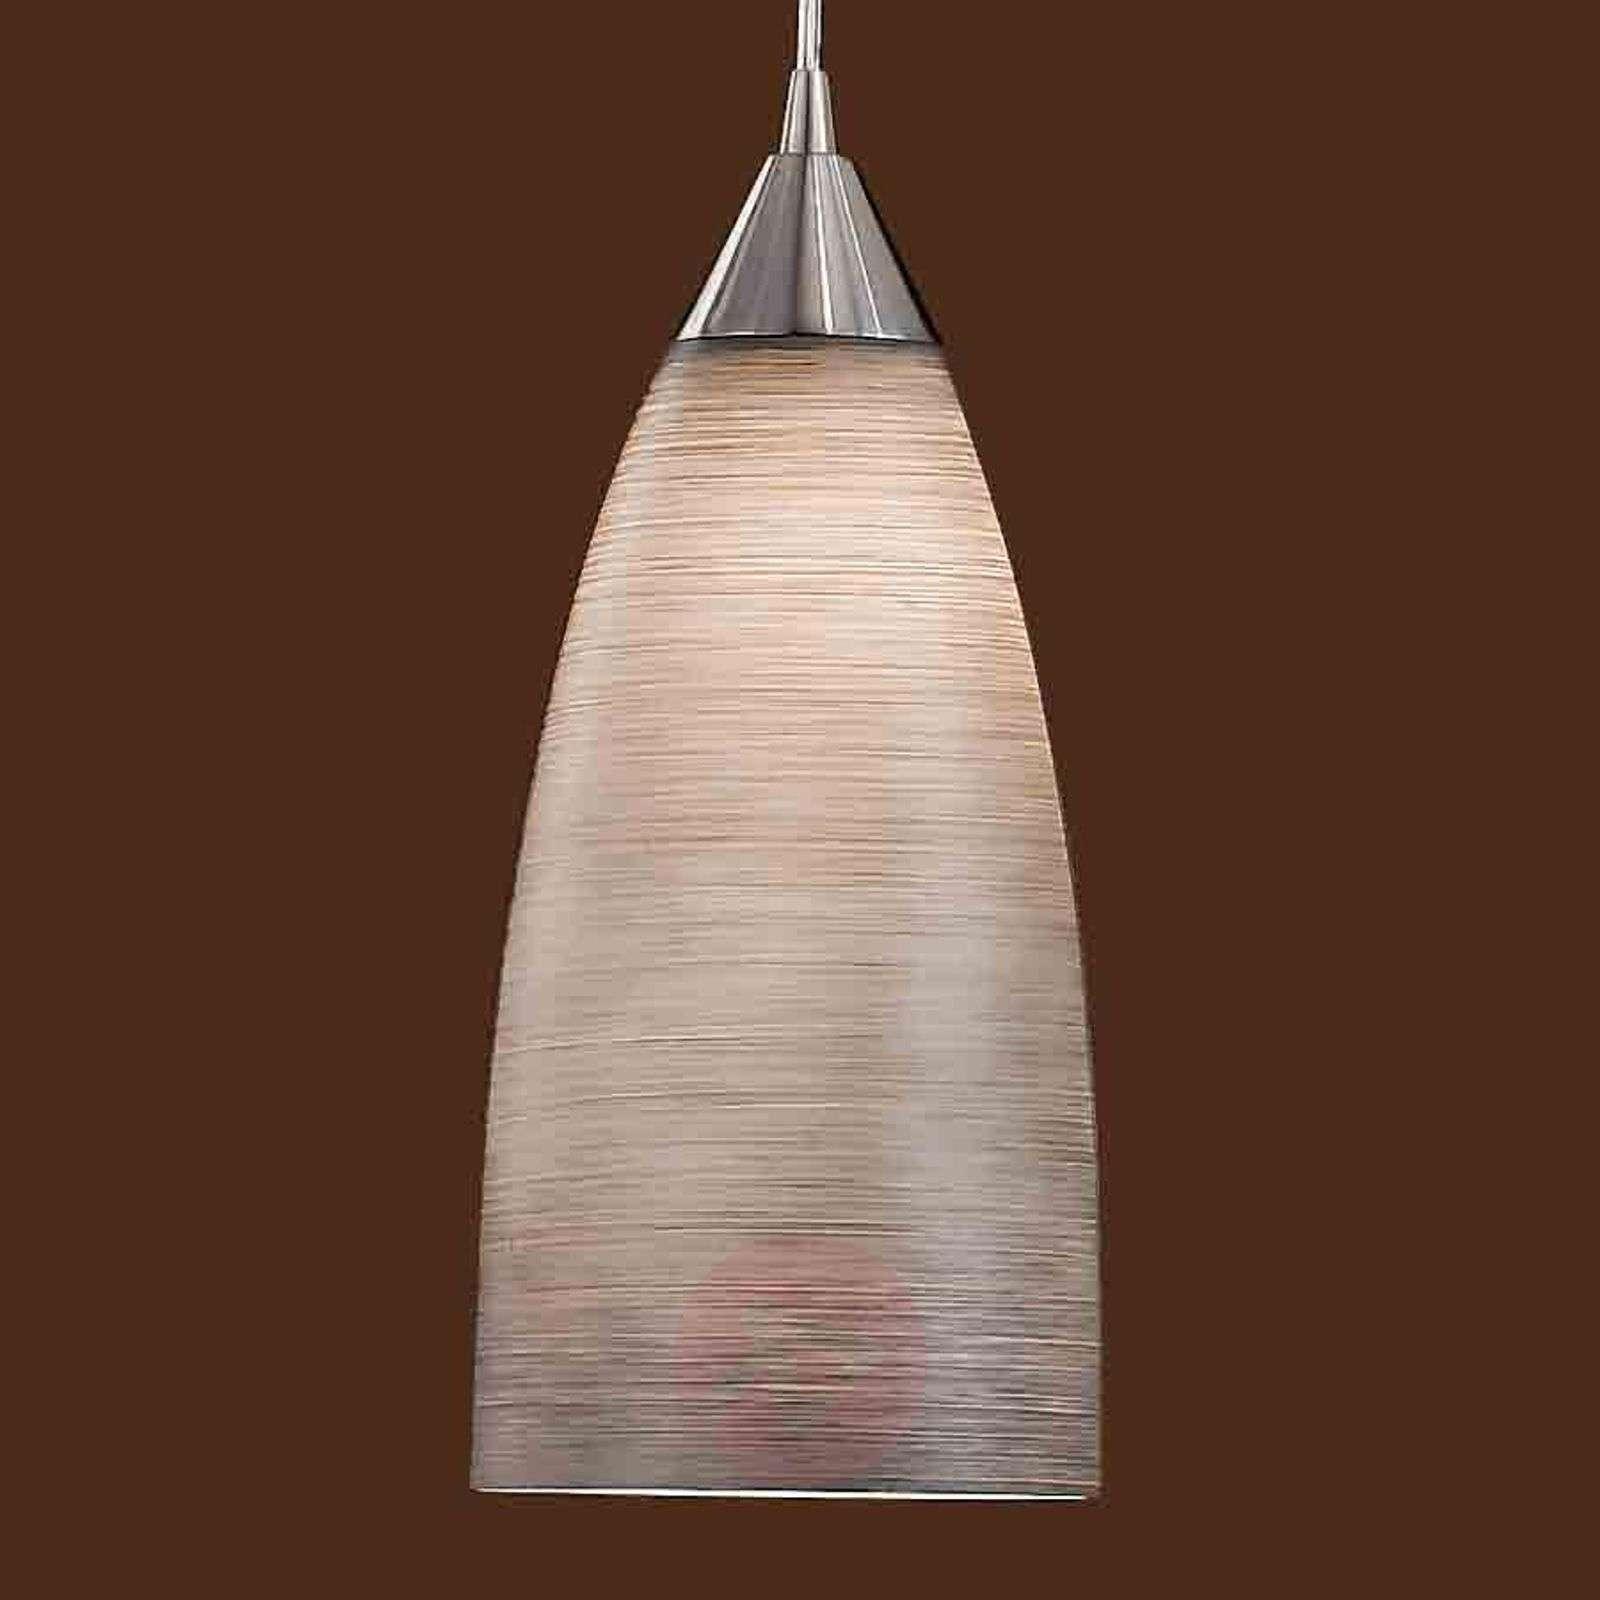 Lasinen riippuvalaisin MADINA, halkaisija 15cm-7254248X-02